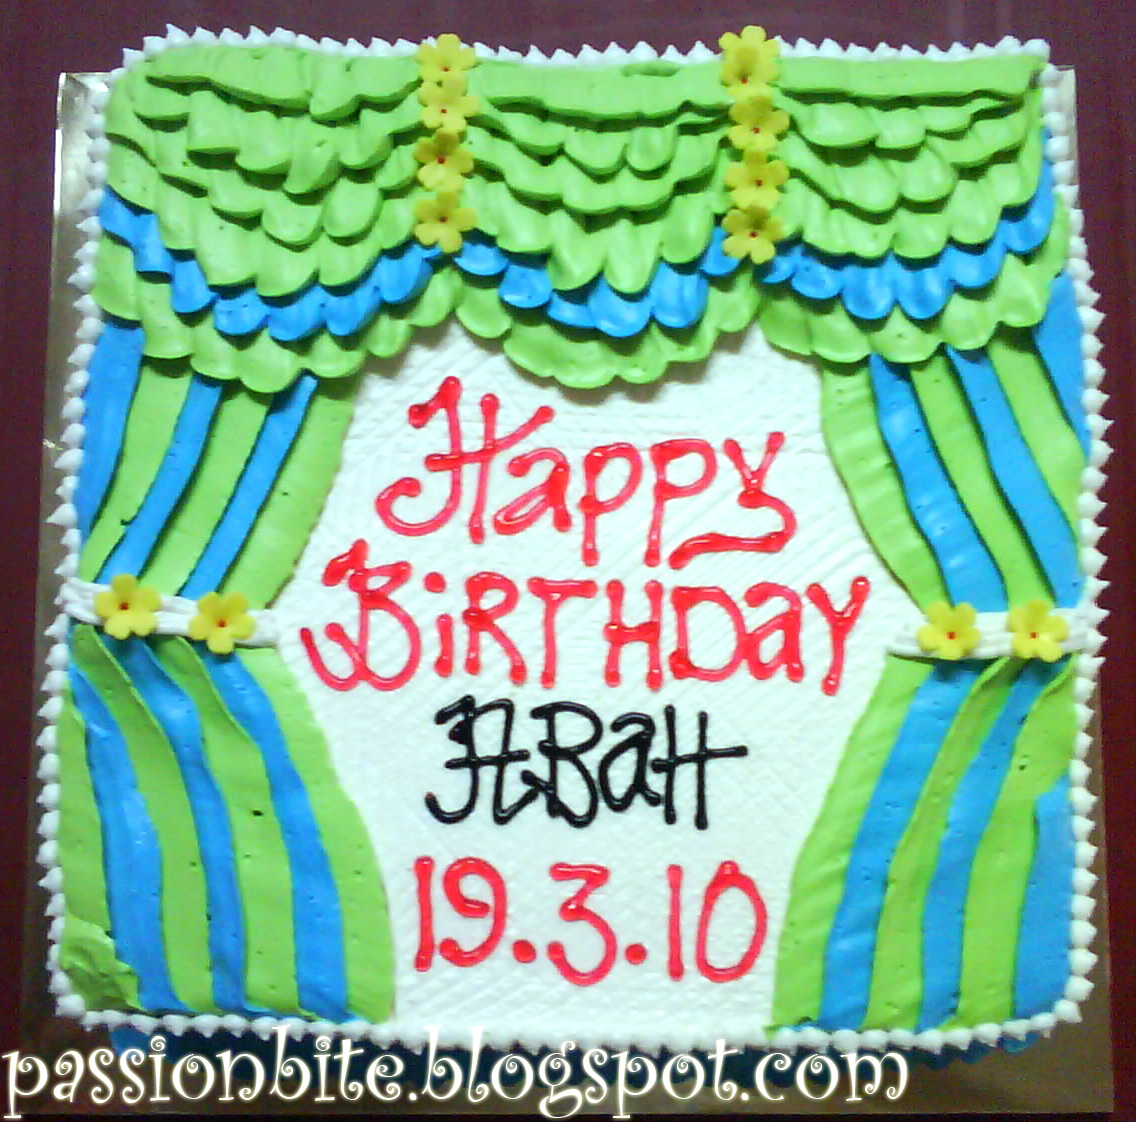 Passionbite: Happy Birthday Abah